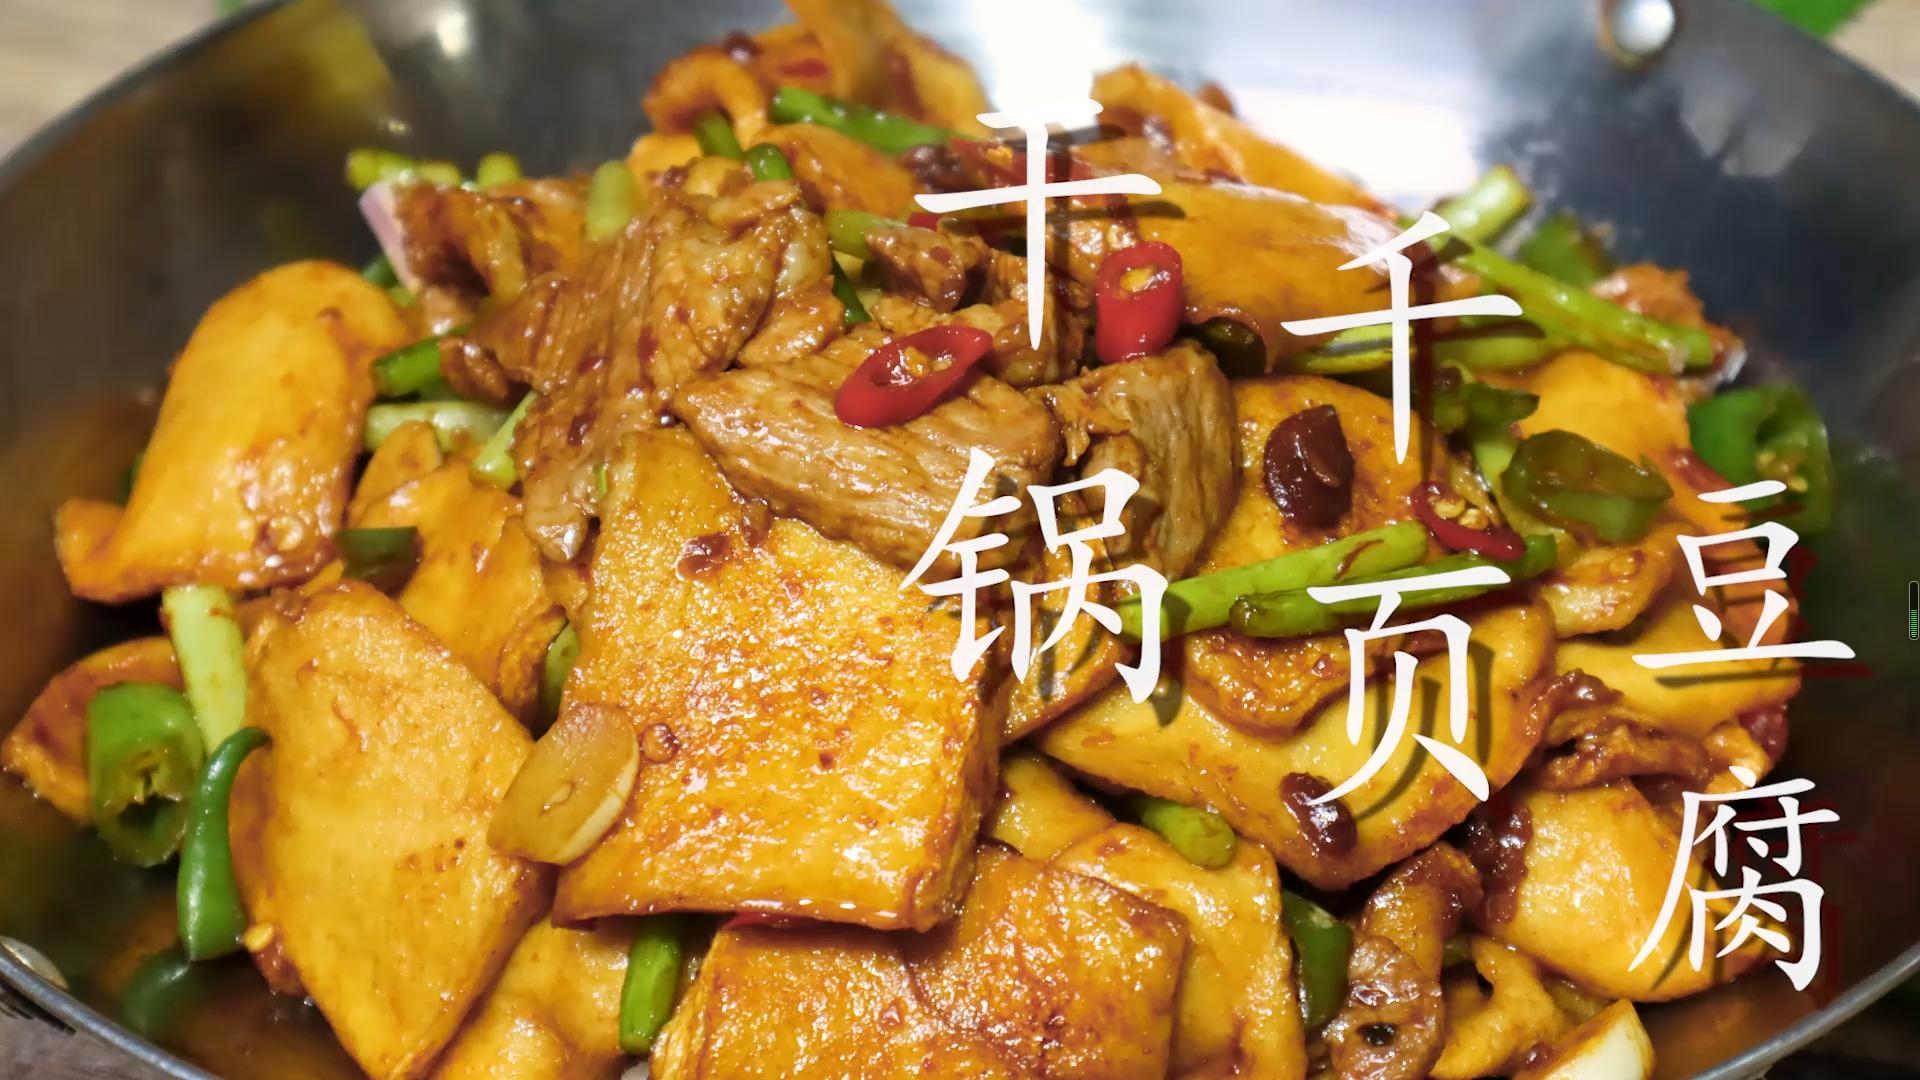 饭店卖38一份的干锅千页豆腐,大厨教你在家10块钱搞定,太简单了 美食做法 第2张